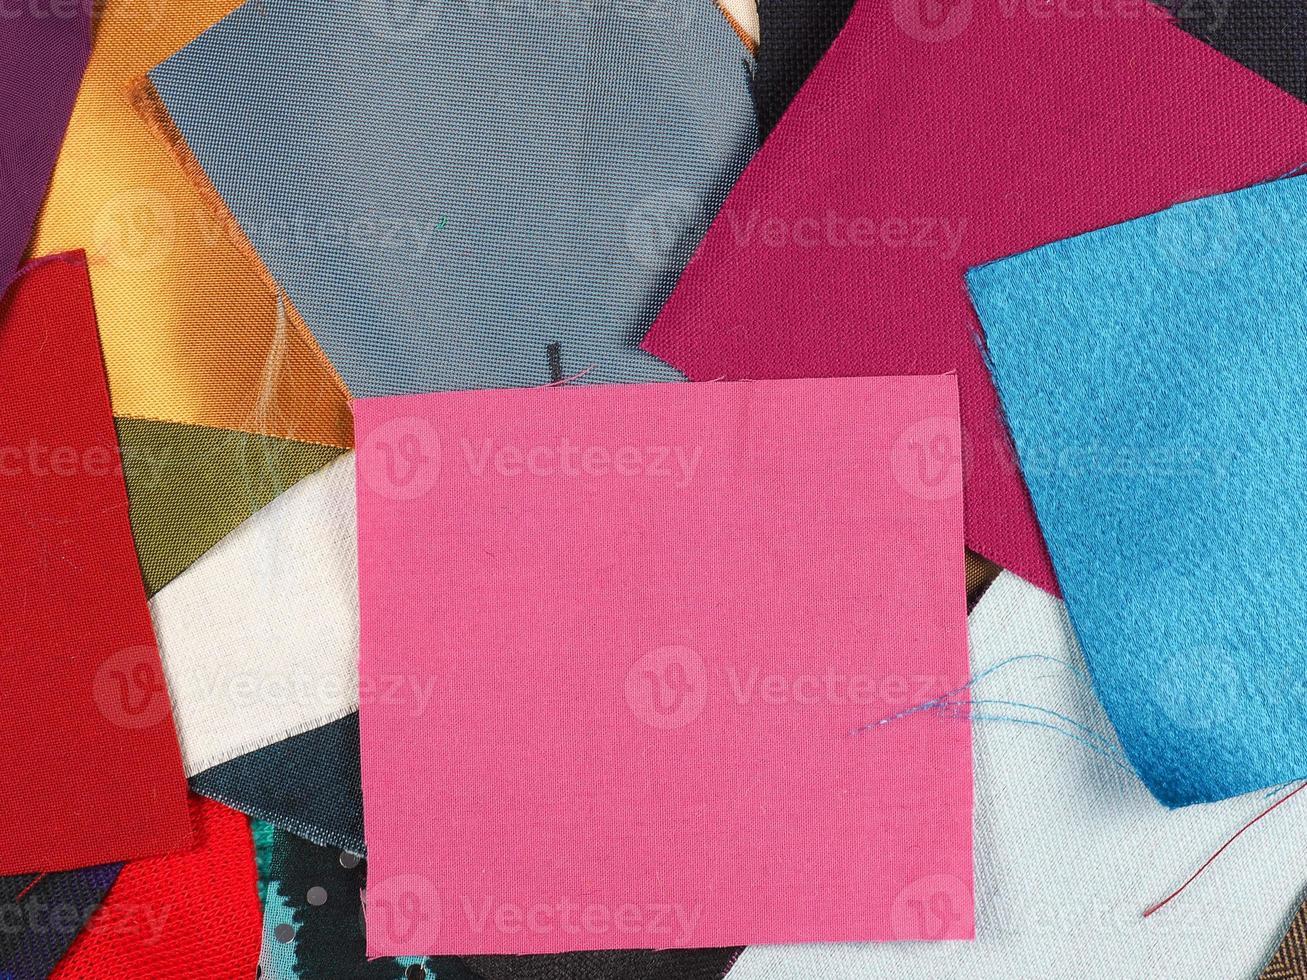 muitas amostras de tecido foto